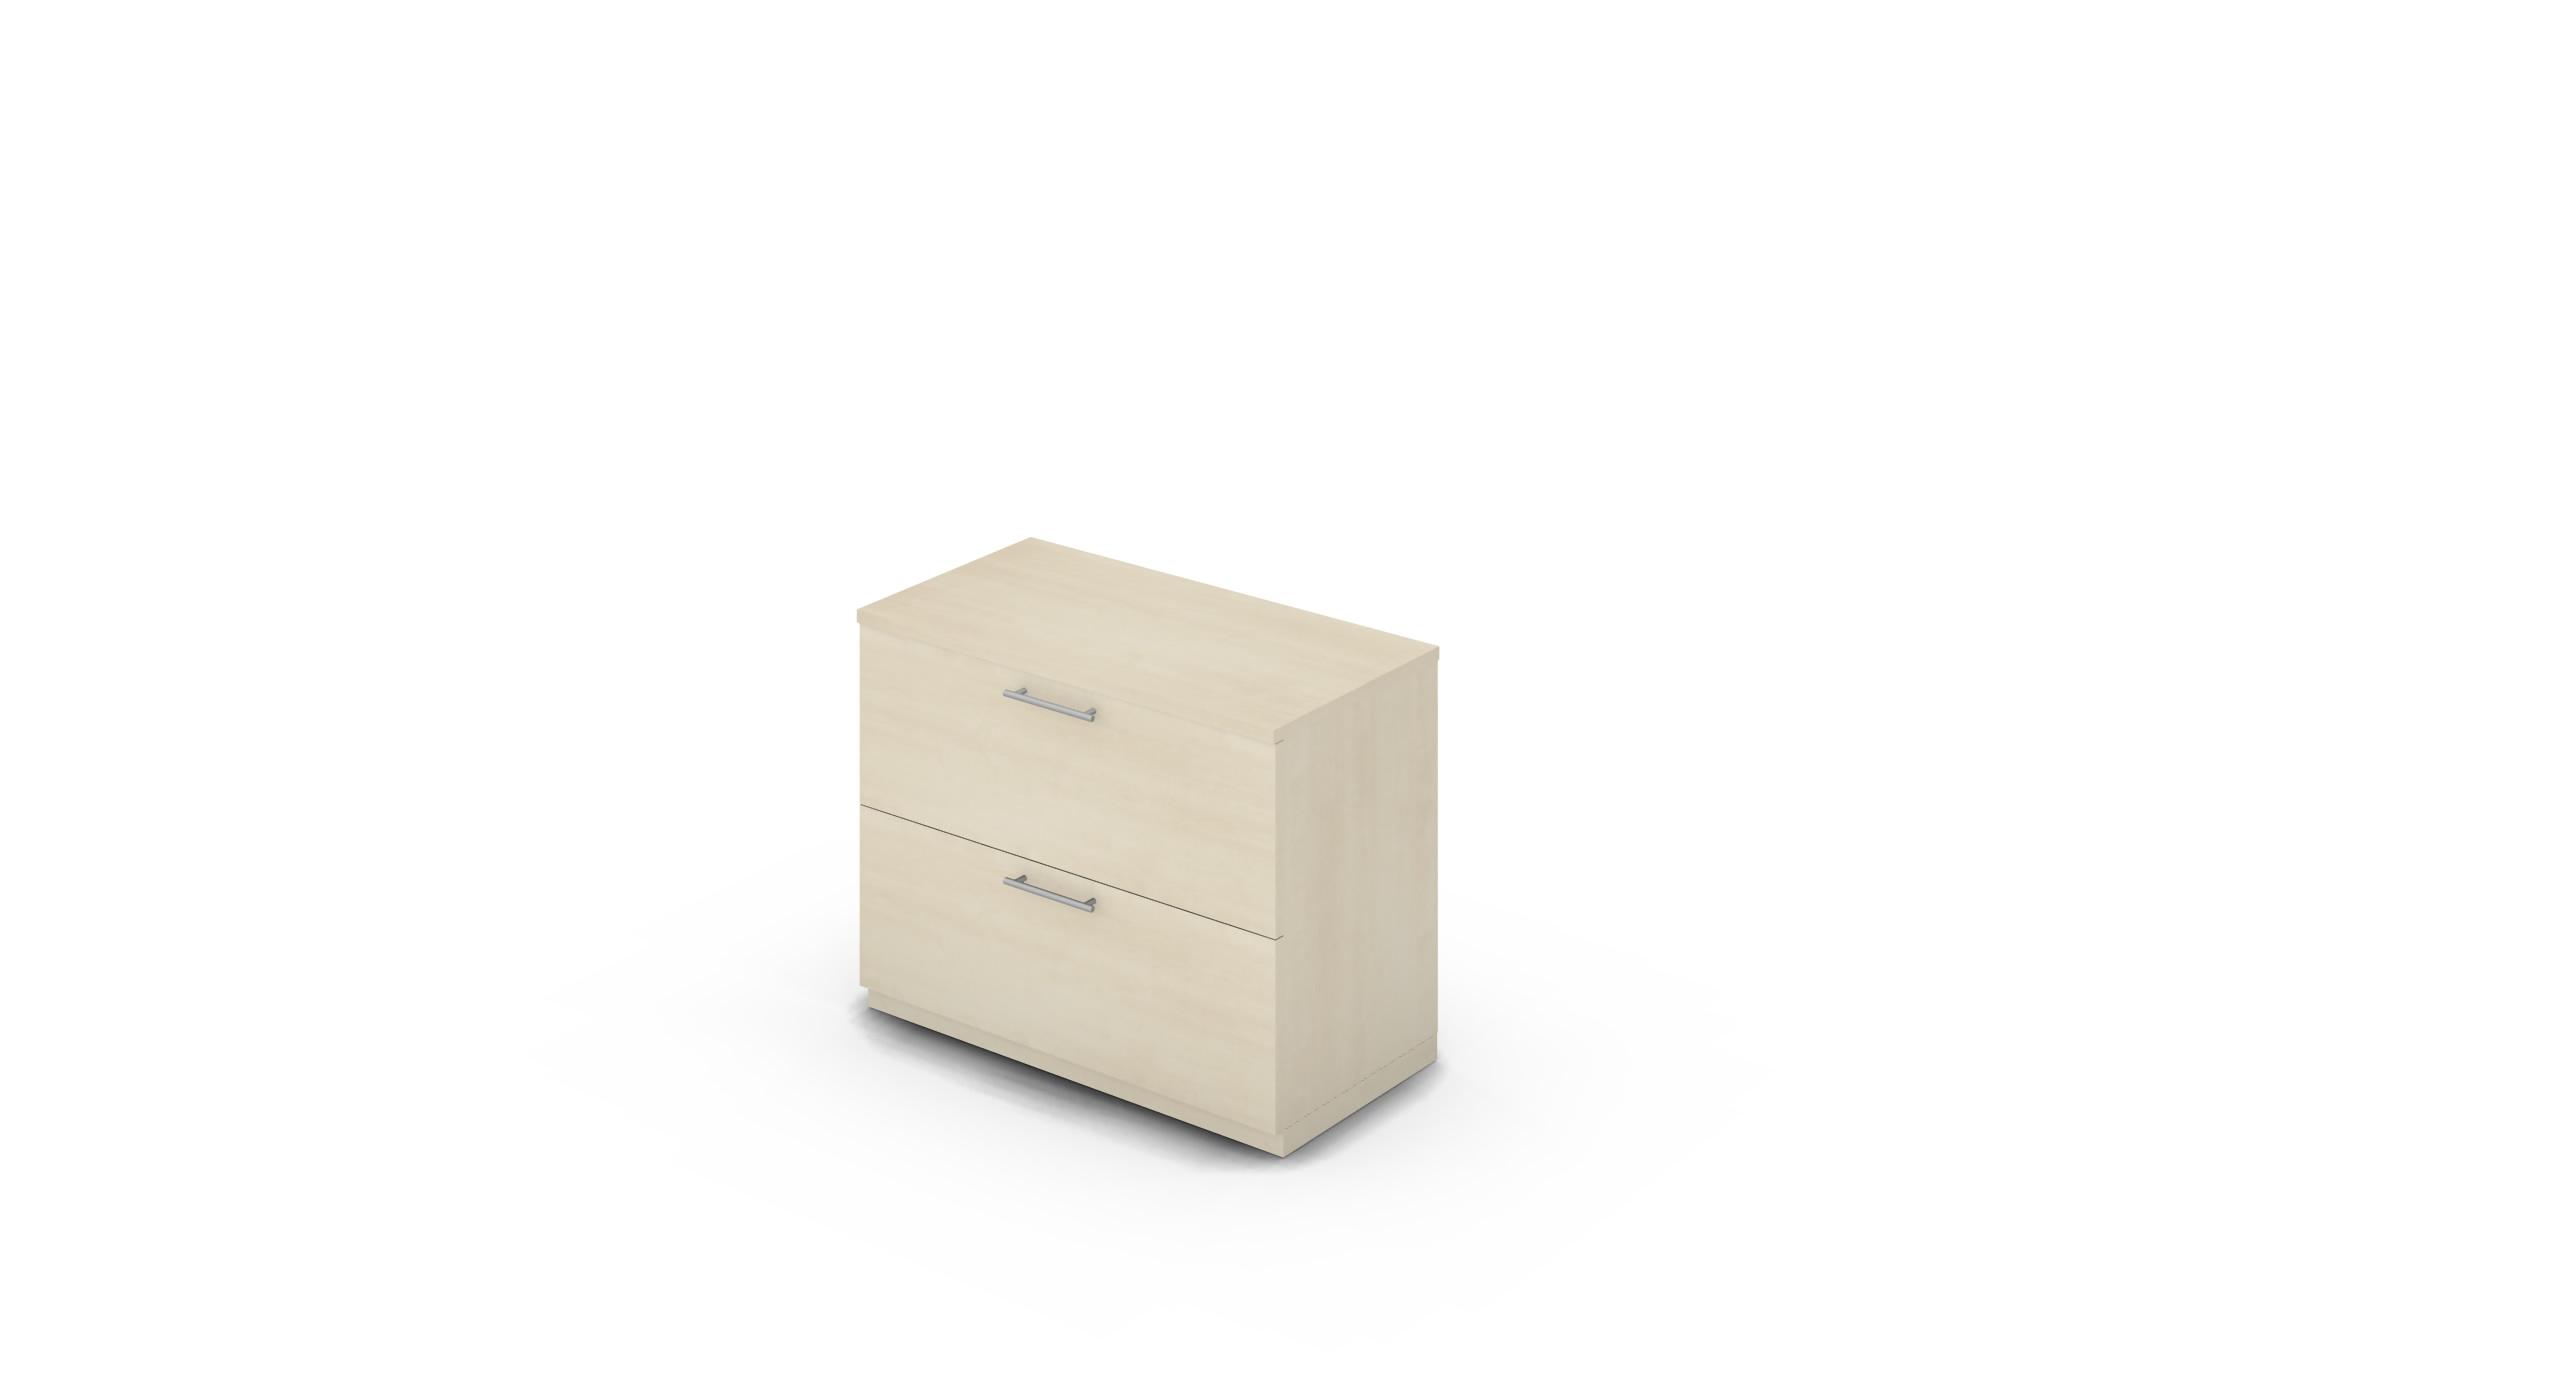 Cabinet_900x450x775_DR_Maple_Bar_Round_NoCylinder